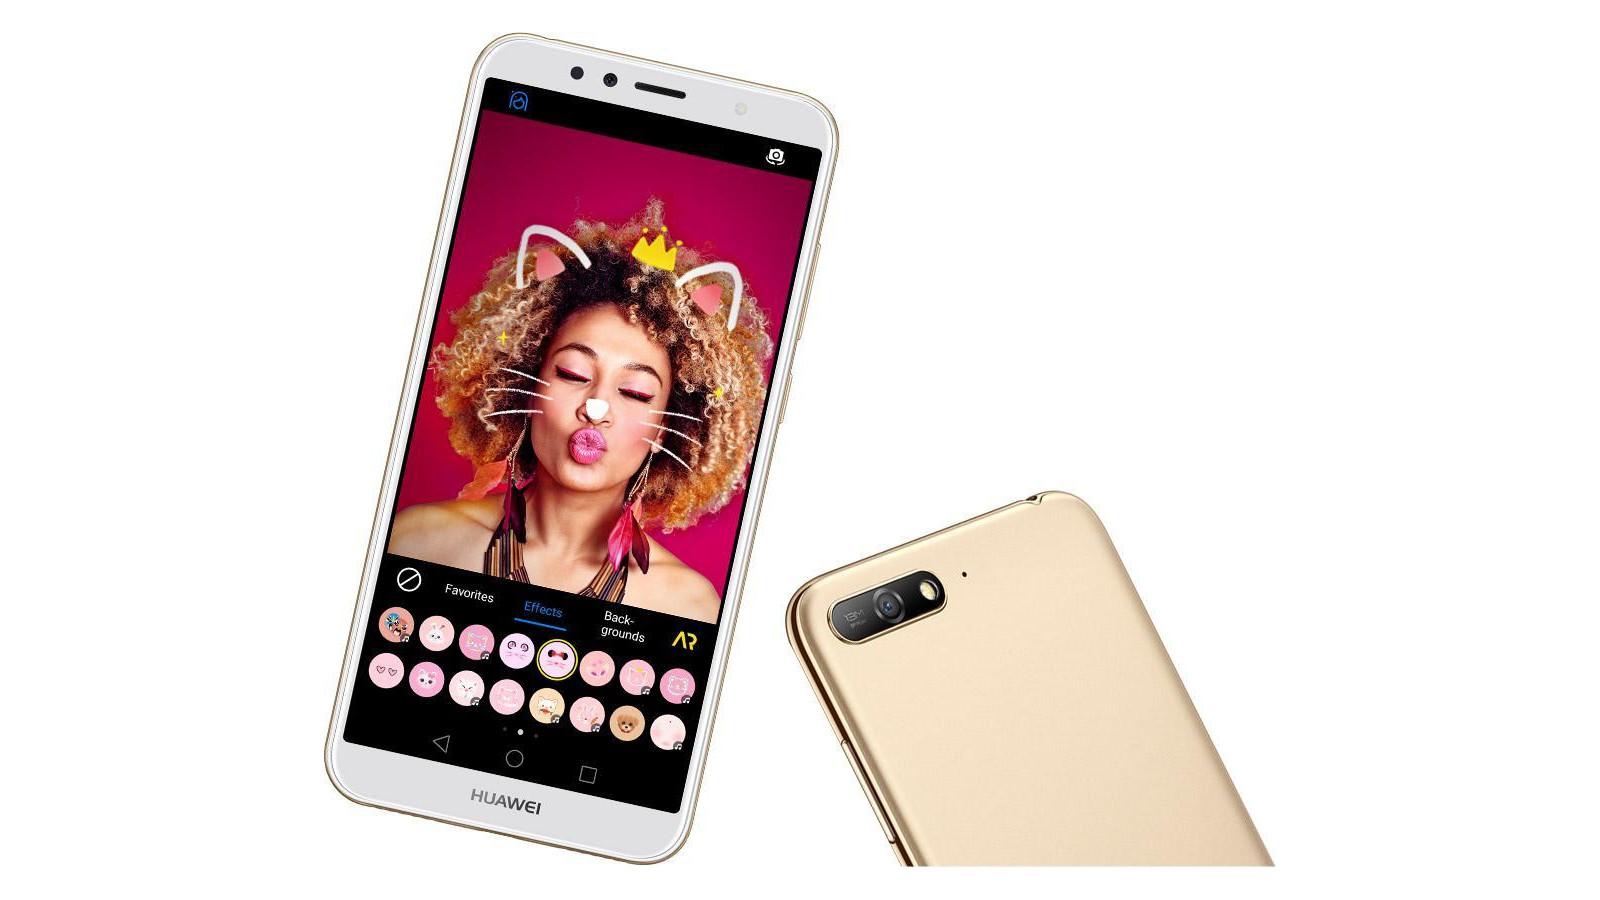 Телефоны Huawei лидеры в Китае, Xiaomi теряет рынок